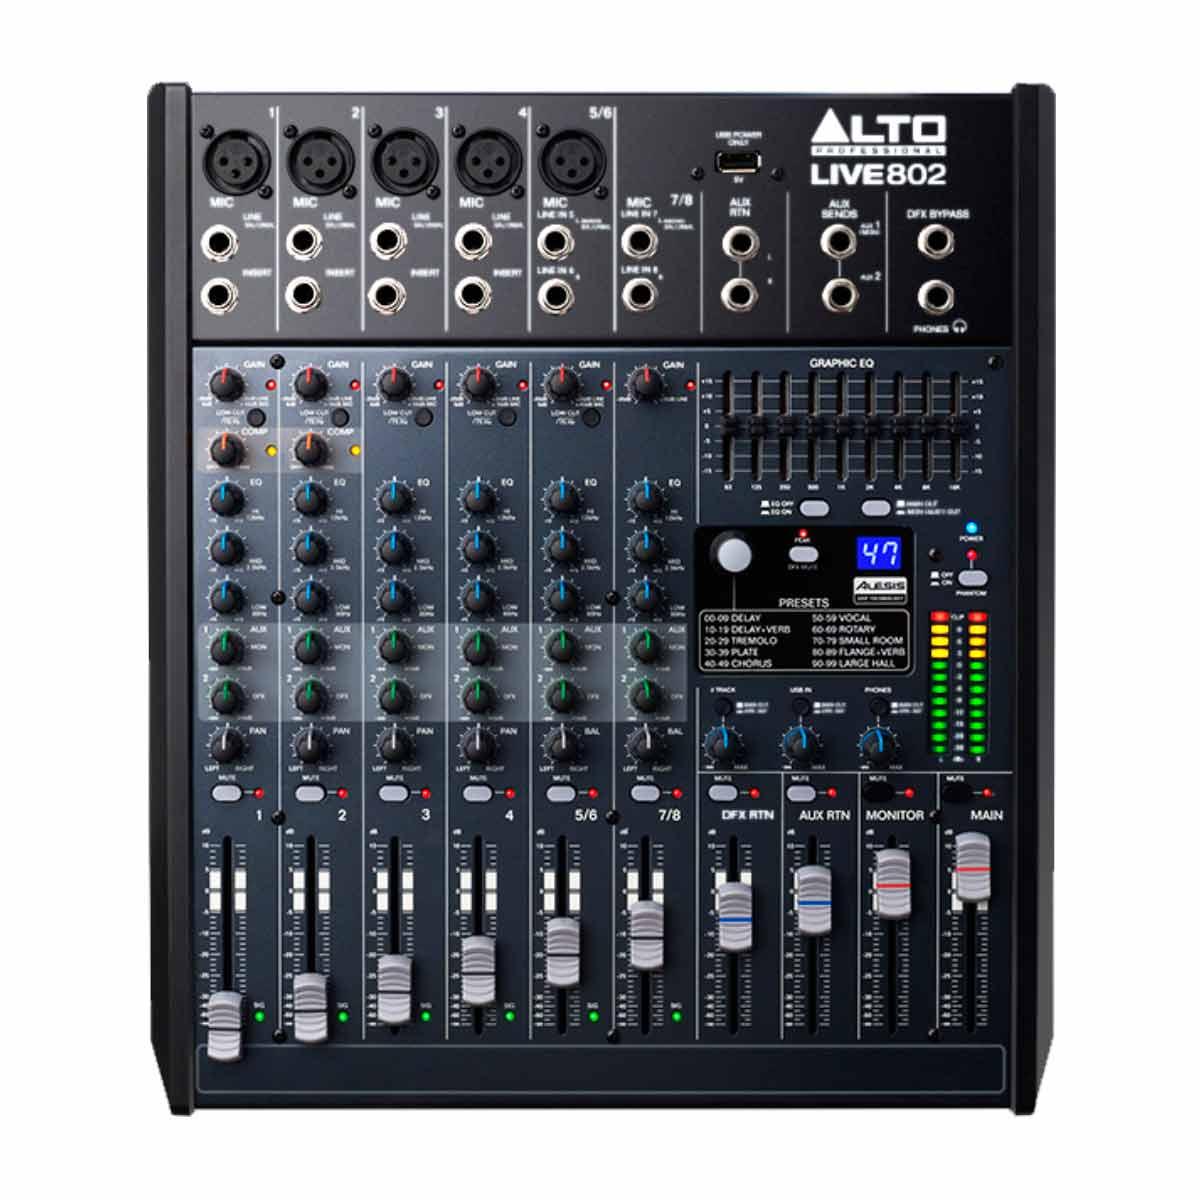 Mesa de Som 8 Canais Balanceados (5 XLR + 3 P10) c/ USB / Efeito / 2 Auxiliares - Live 802 Alto